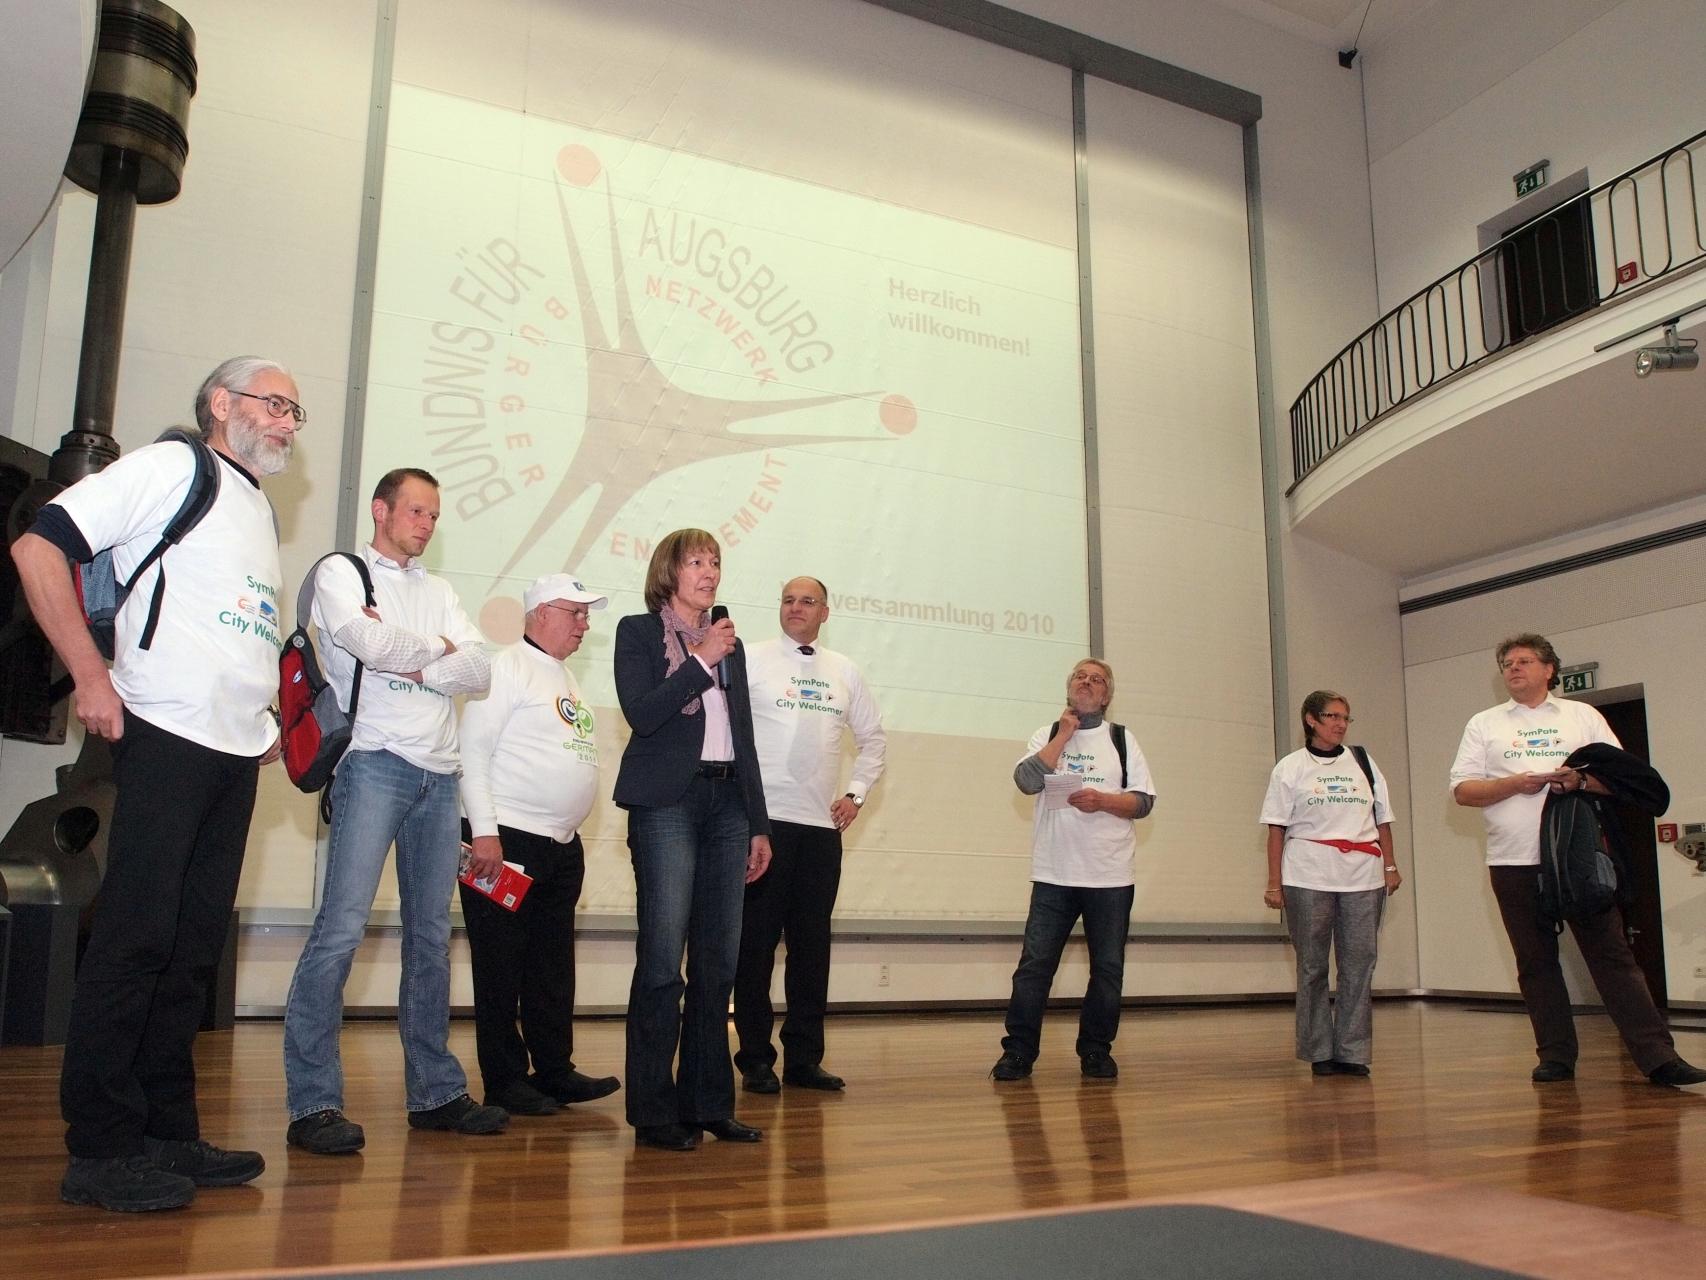 SymPaten - City Welcomers 2011 - Vorstellung der Aktion bei der Vollversammlung des Bündnis für Augsburg 2010 MAN-Museum - Foto: Hugo Fössinger - Freiwilligen-Zentrum Augsburg